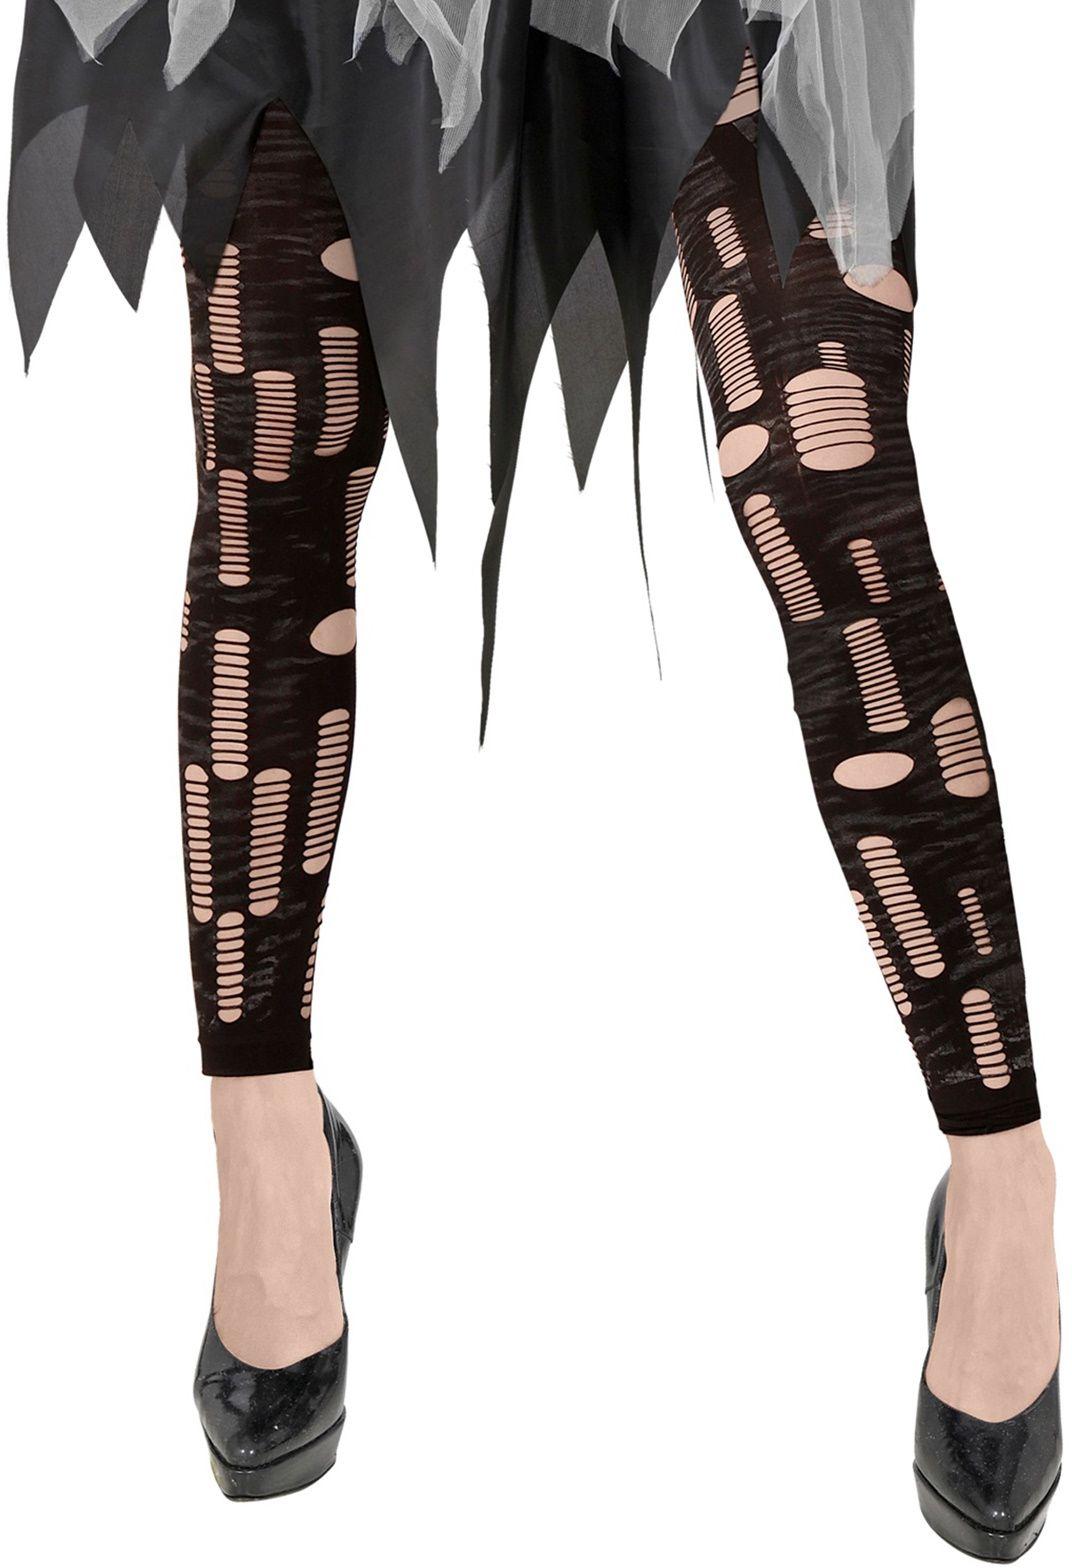 Zombie carnaval gescheurde legging